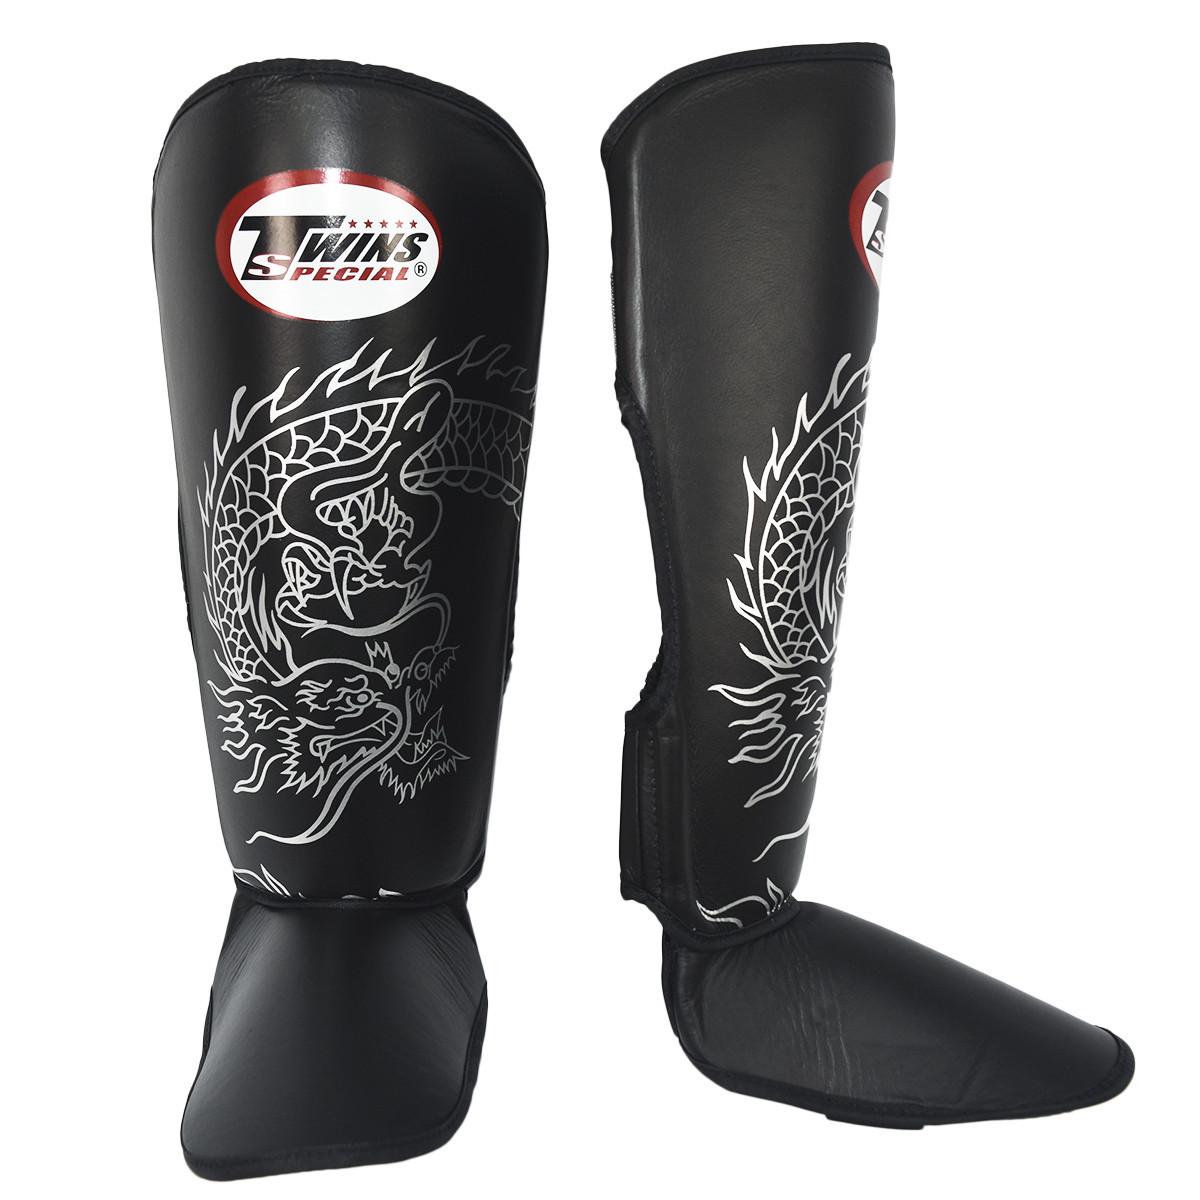 Щитки на ног для таэквондо (футы)